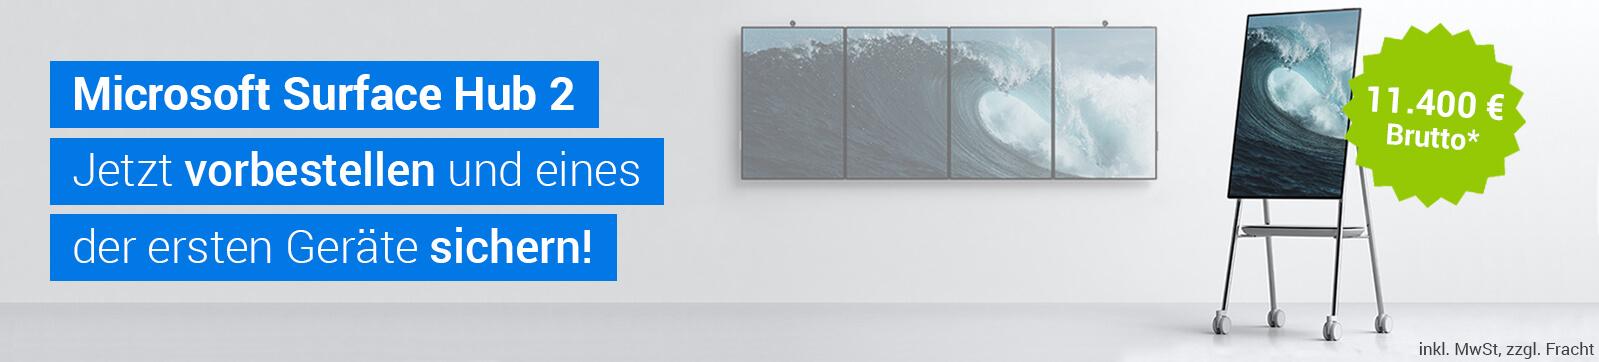 Microsoft Surface Hub2 - Jetzt vorbestellen